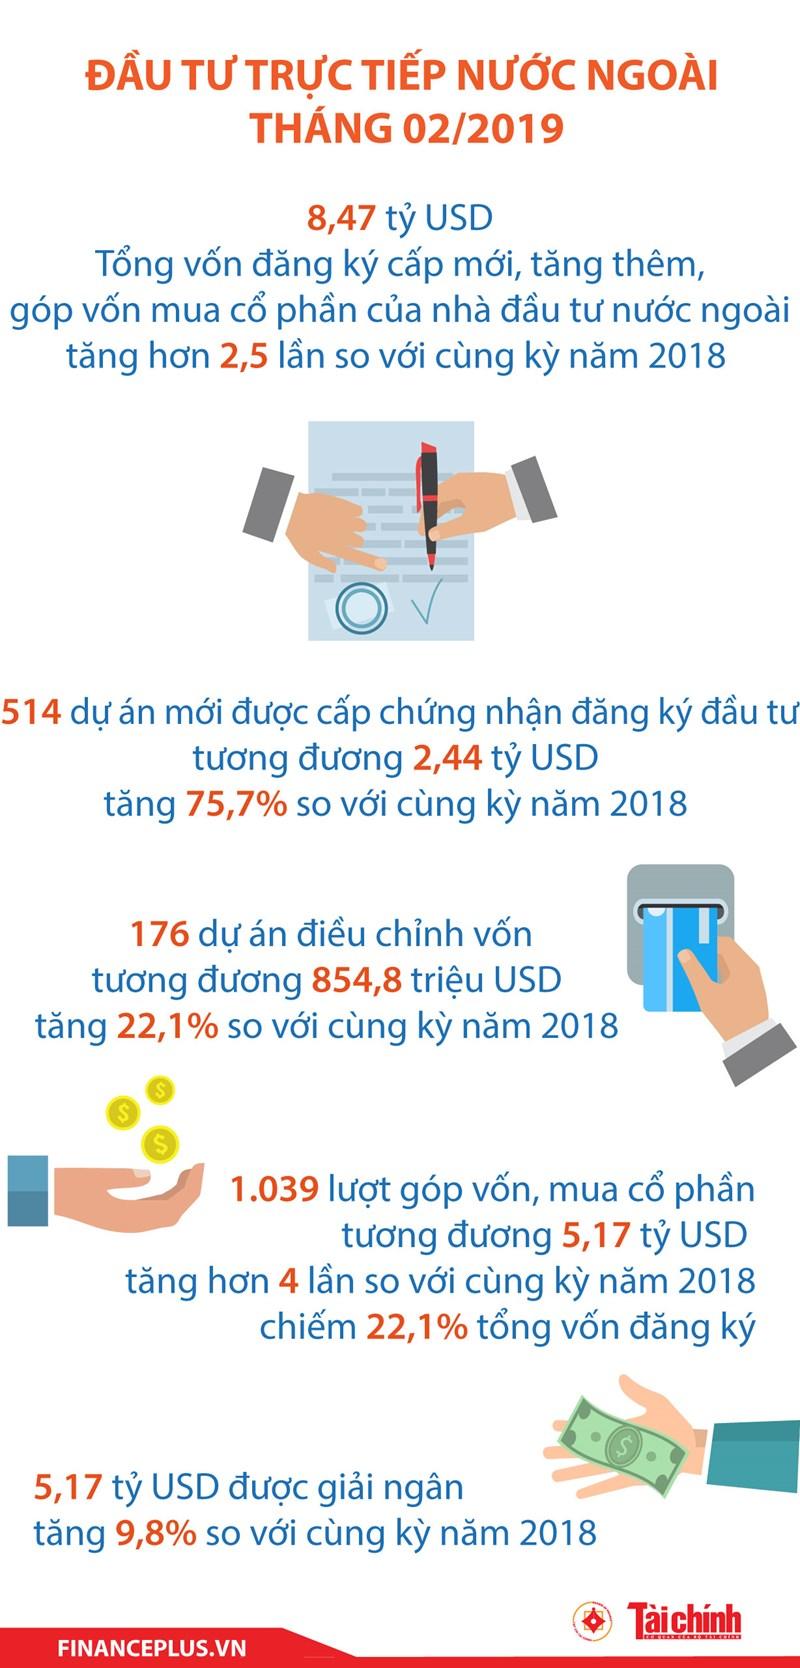 [Infographic] Đầu tư trực tiếp nước ngoài tháng 2/2019 - Ảnh 1